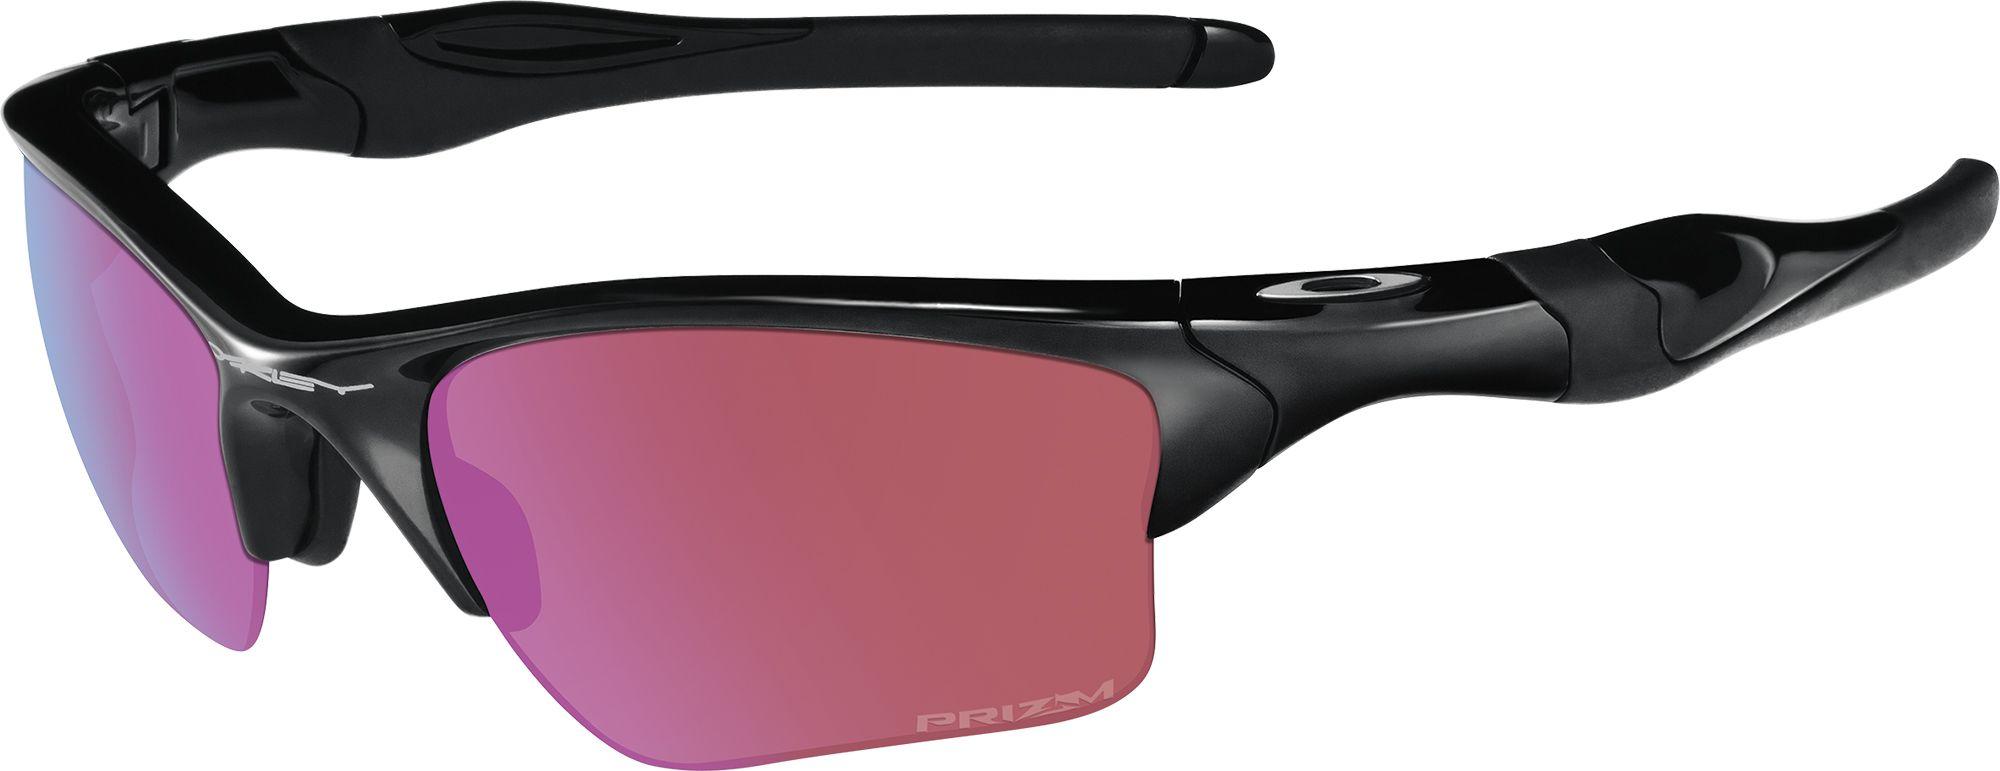 oakley prizm lenses golf 3mvv  noImageFound ???